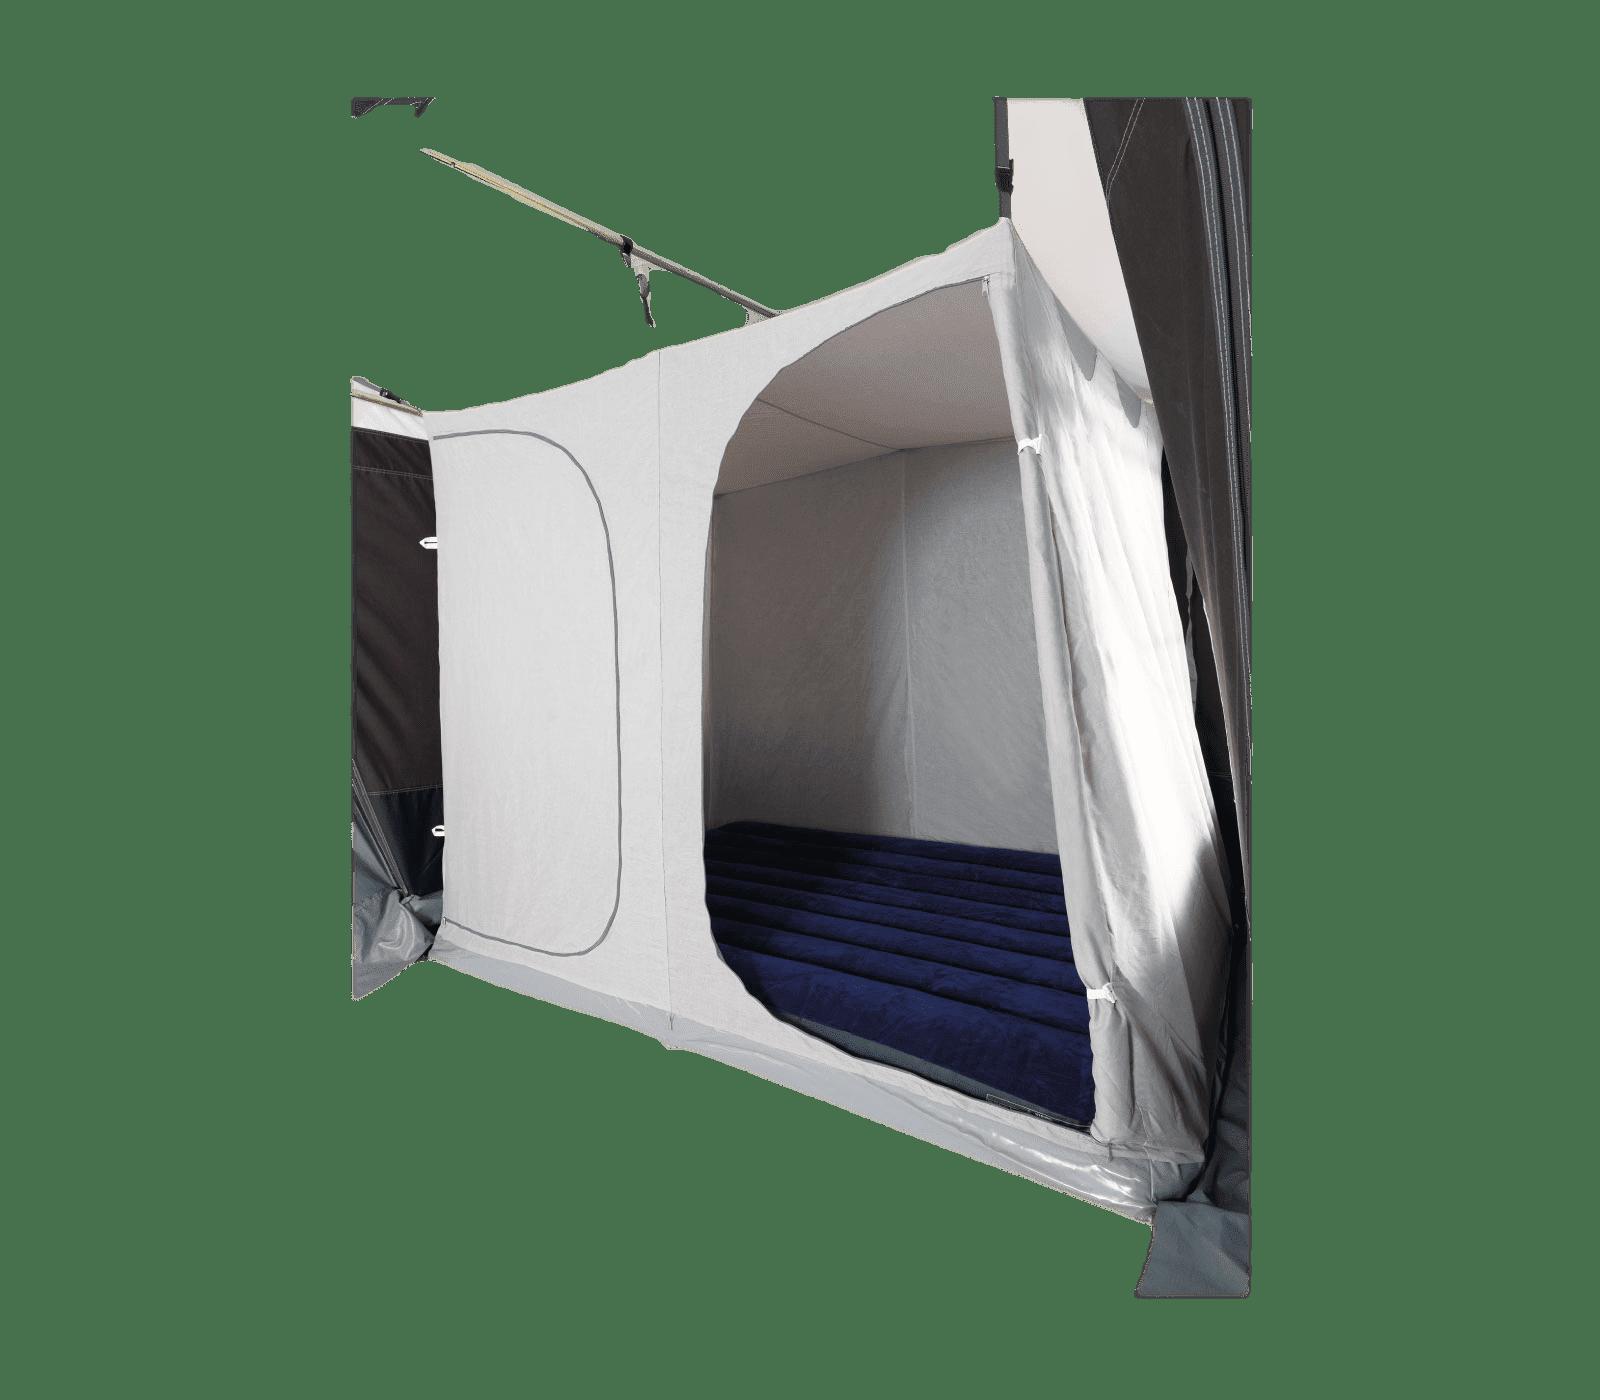 Slaapcabine uitbouw